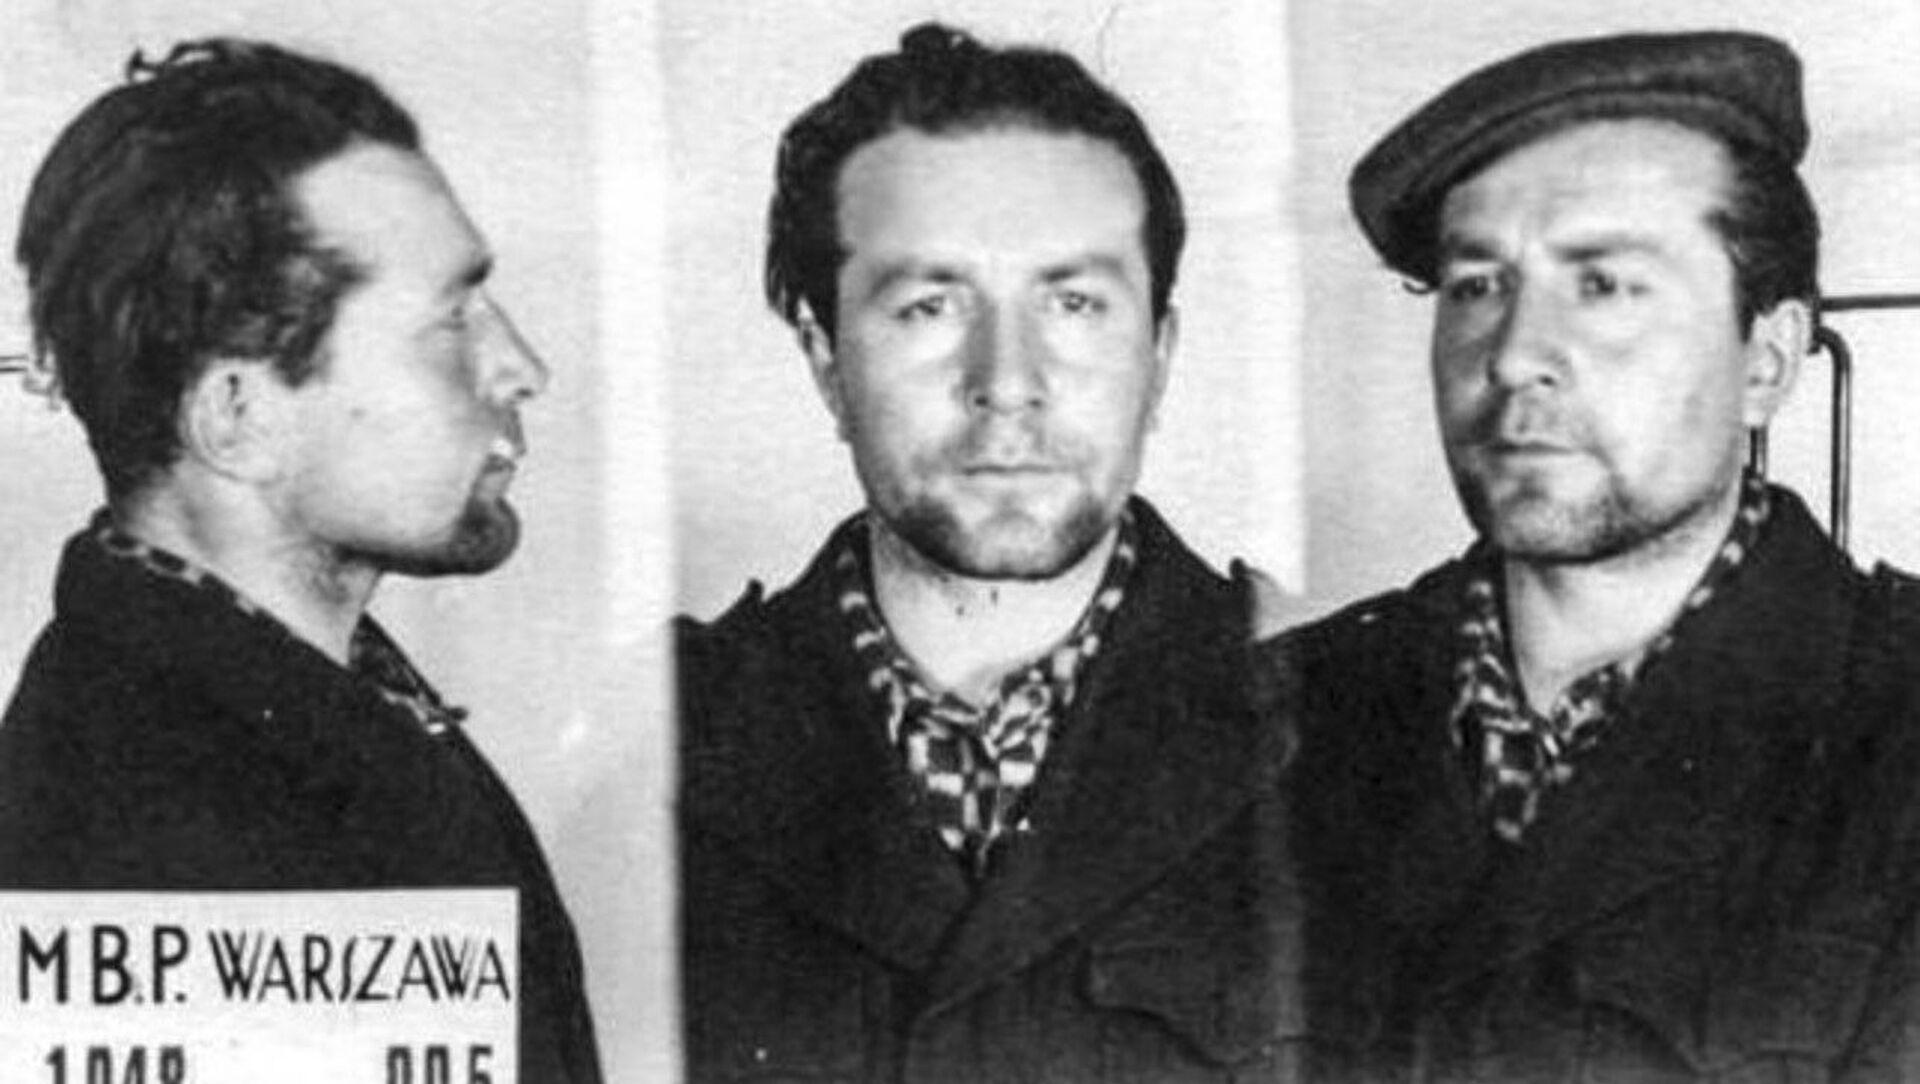 MSZ Białorusi oburzone rajdem nacjonalistów w Hajnówce: Niedopuszczalne wysławianie zbrodniarzy - Sputnik Polska, 1920, 27.02.2021